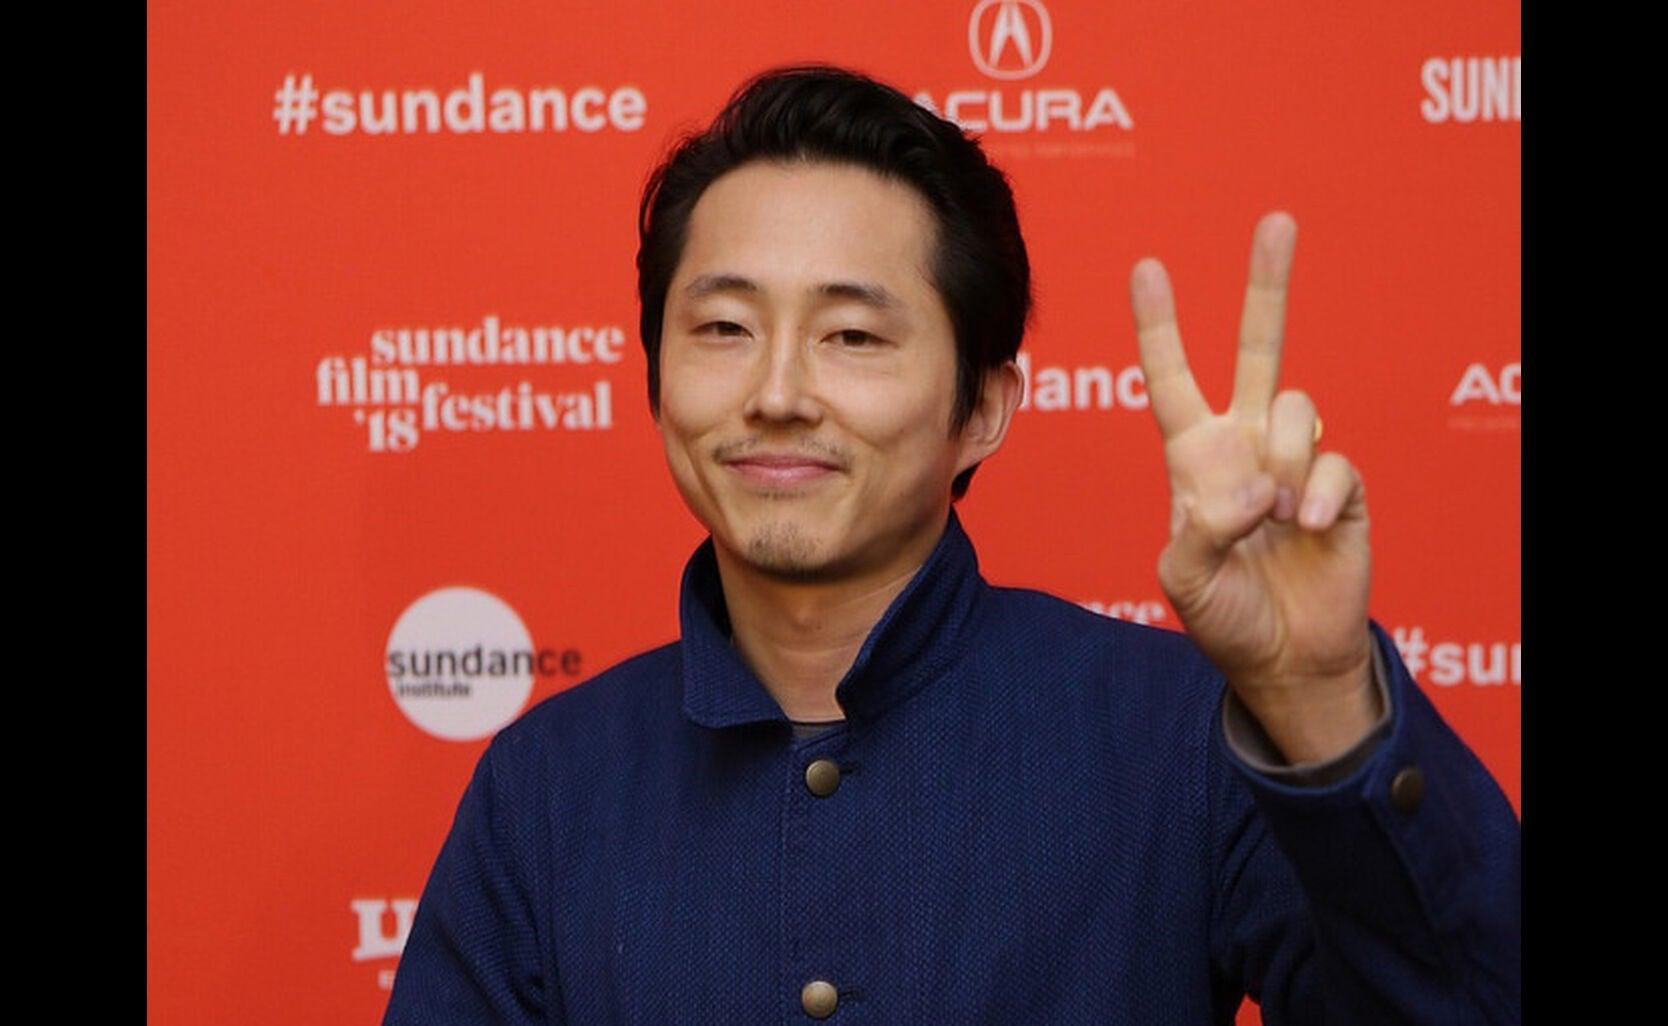 Actor Steven Yeun in Sundance 2018